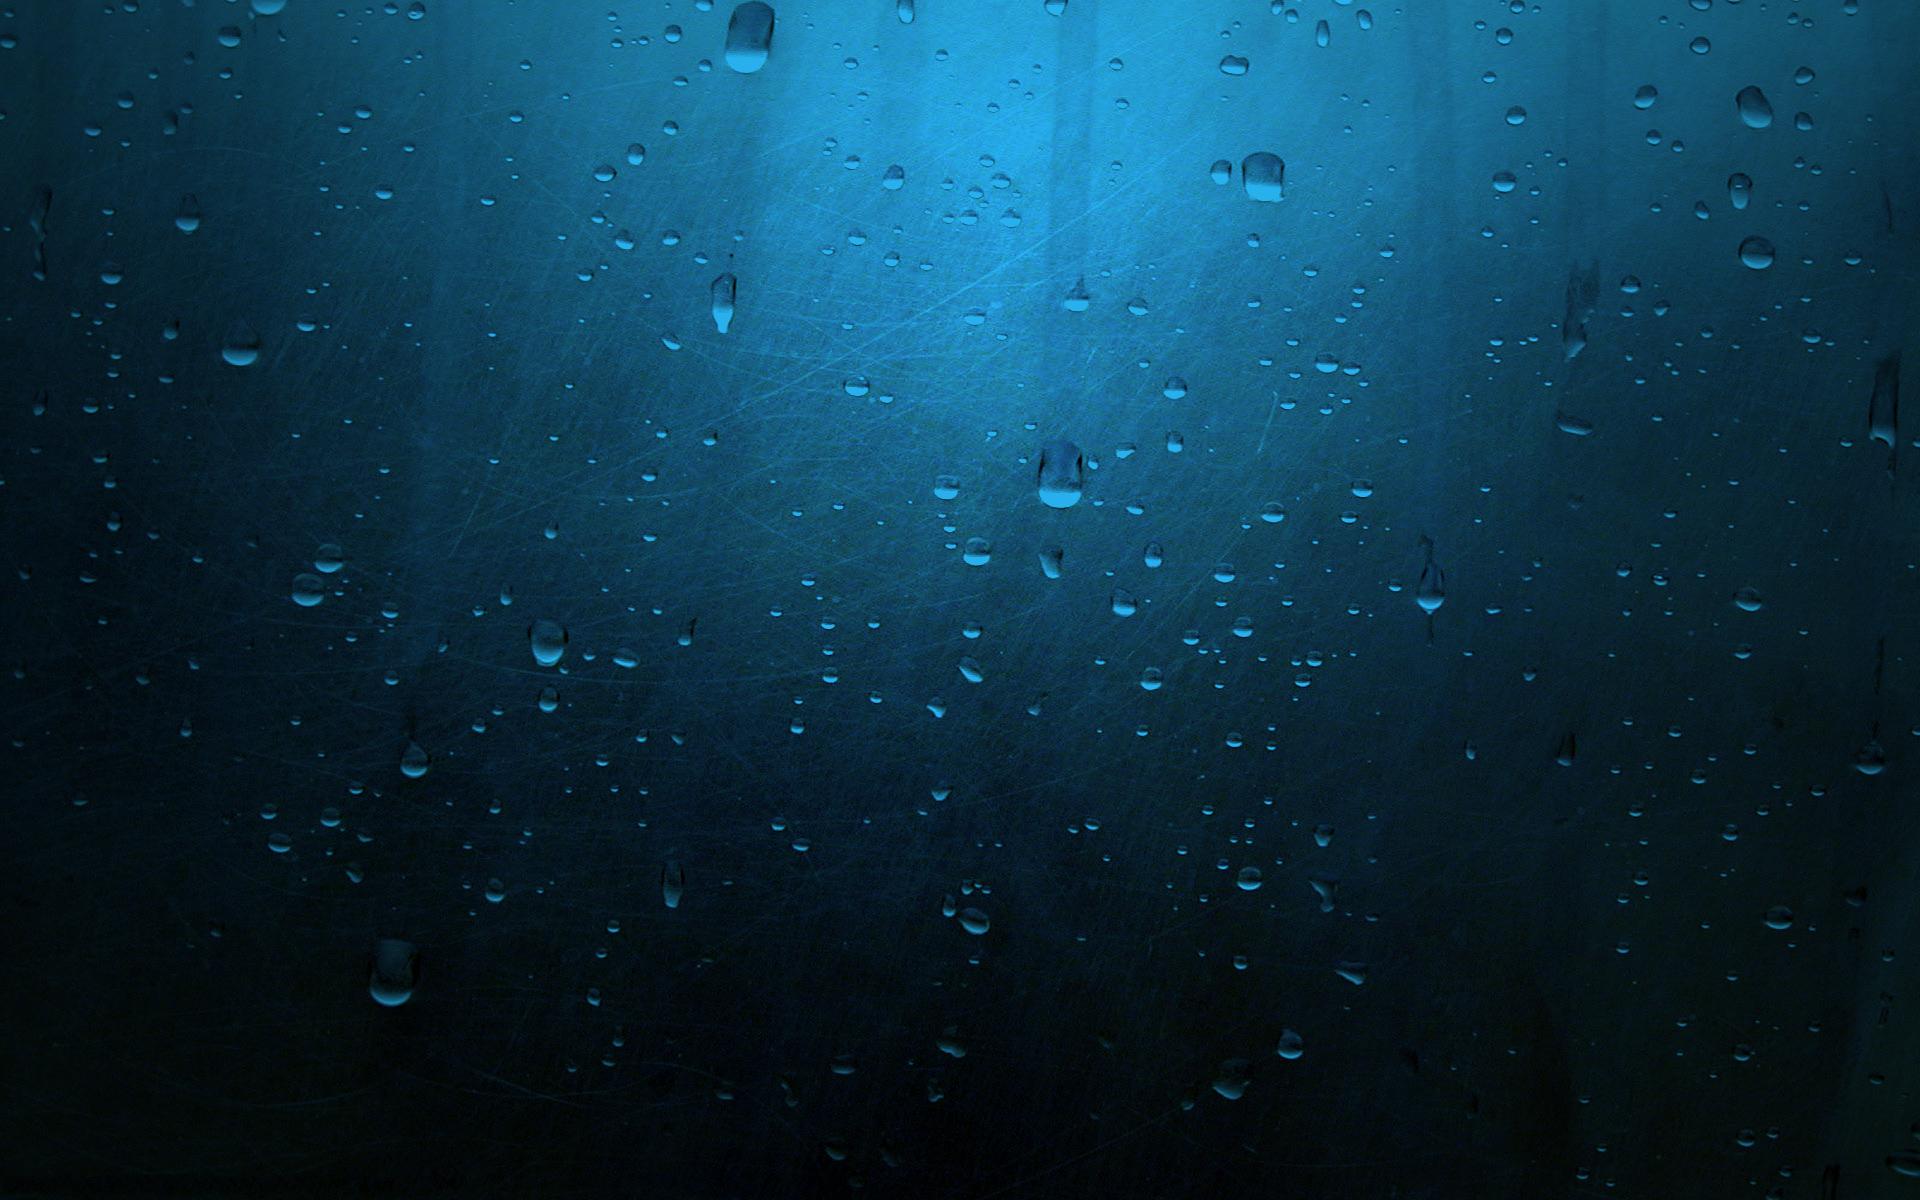 поверхность, синяя, капли